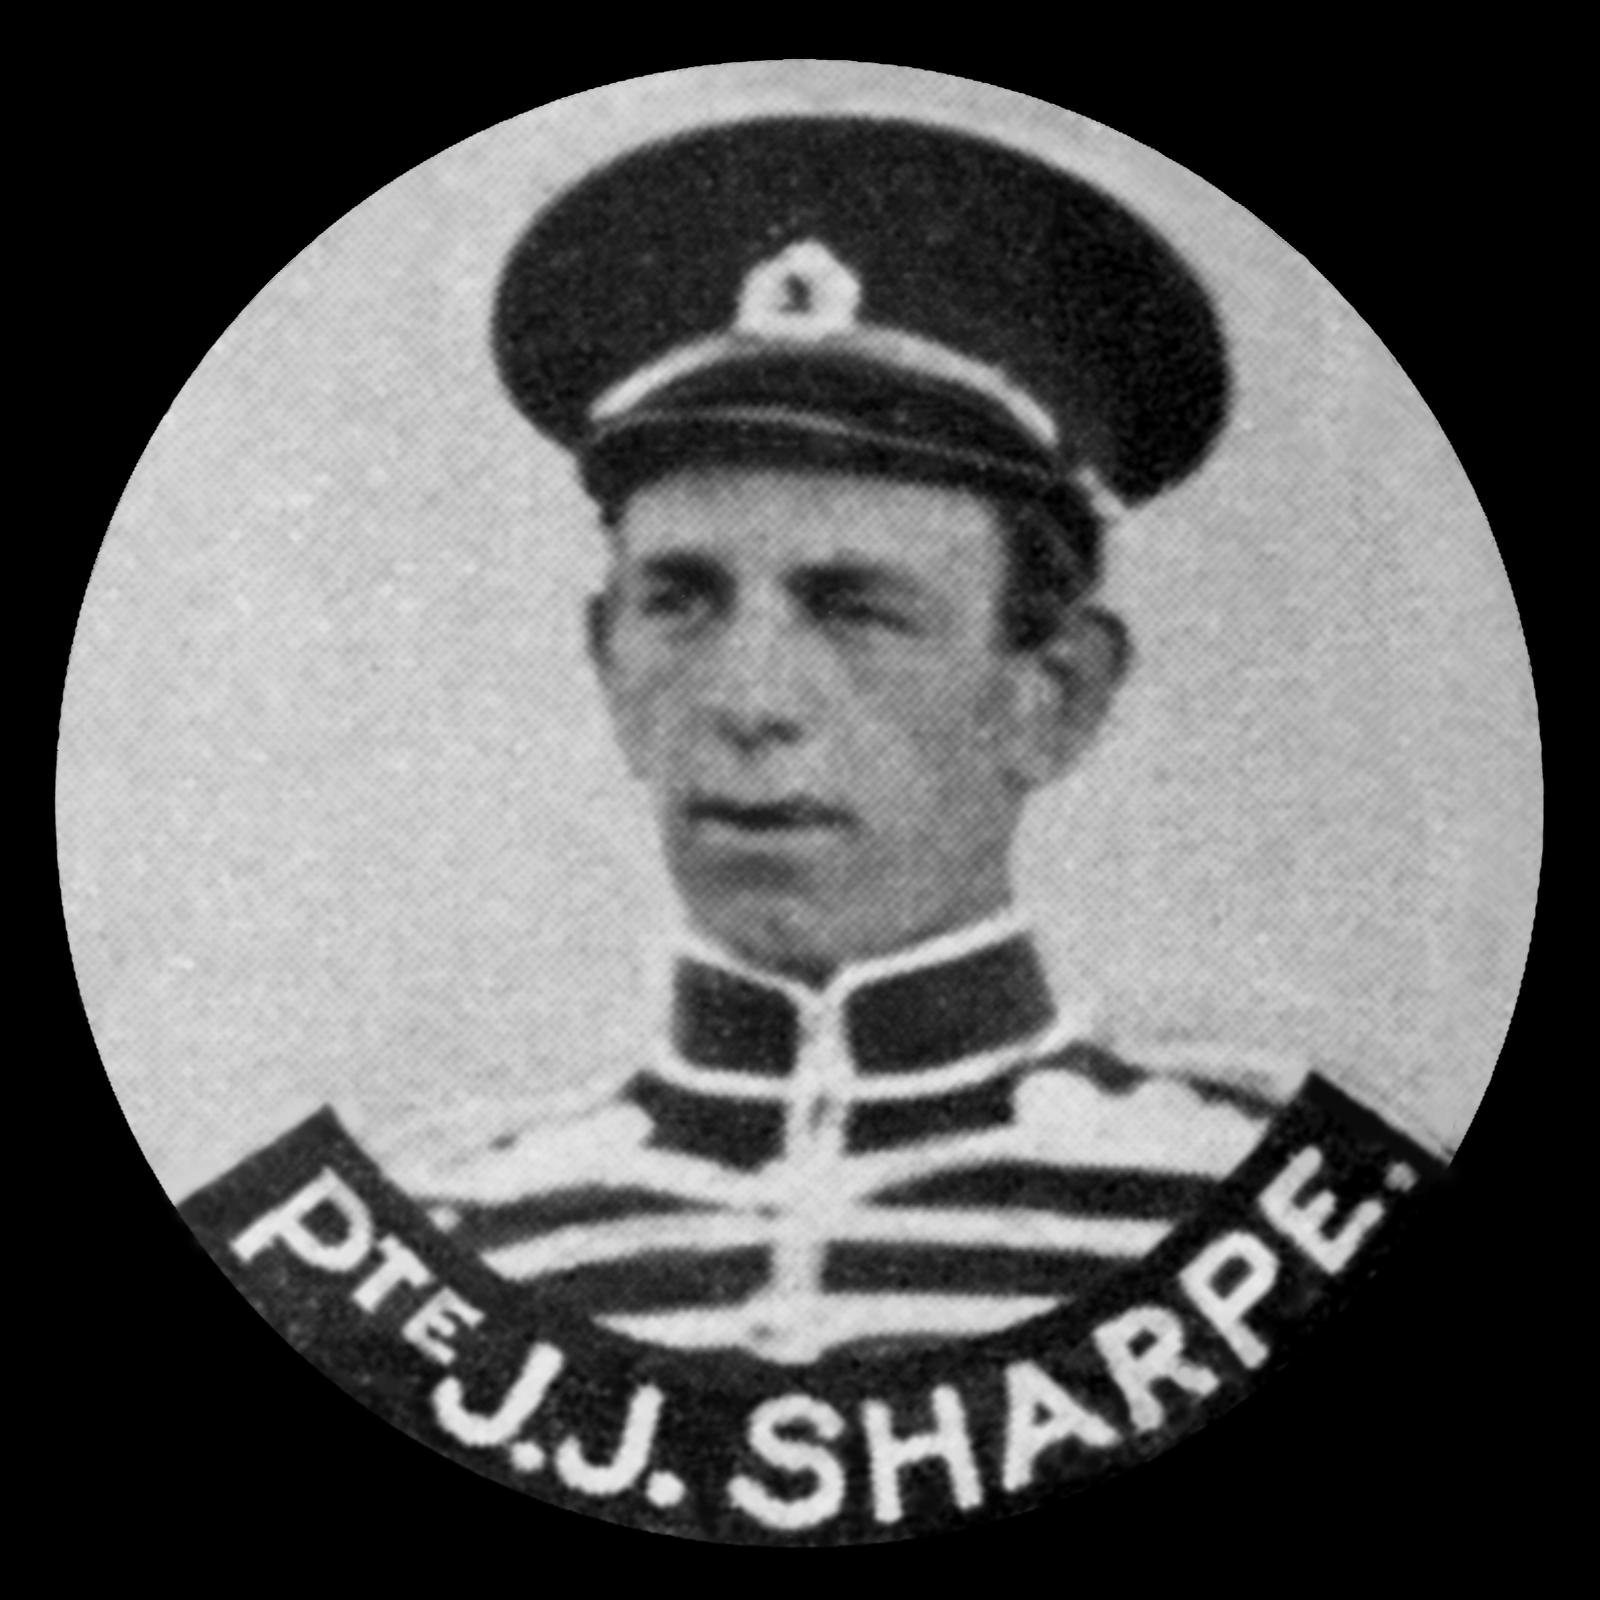 SHARPE James John